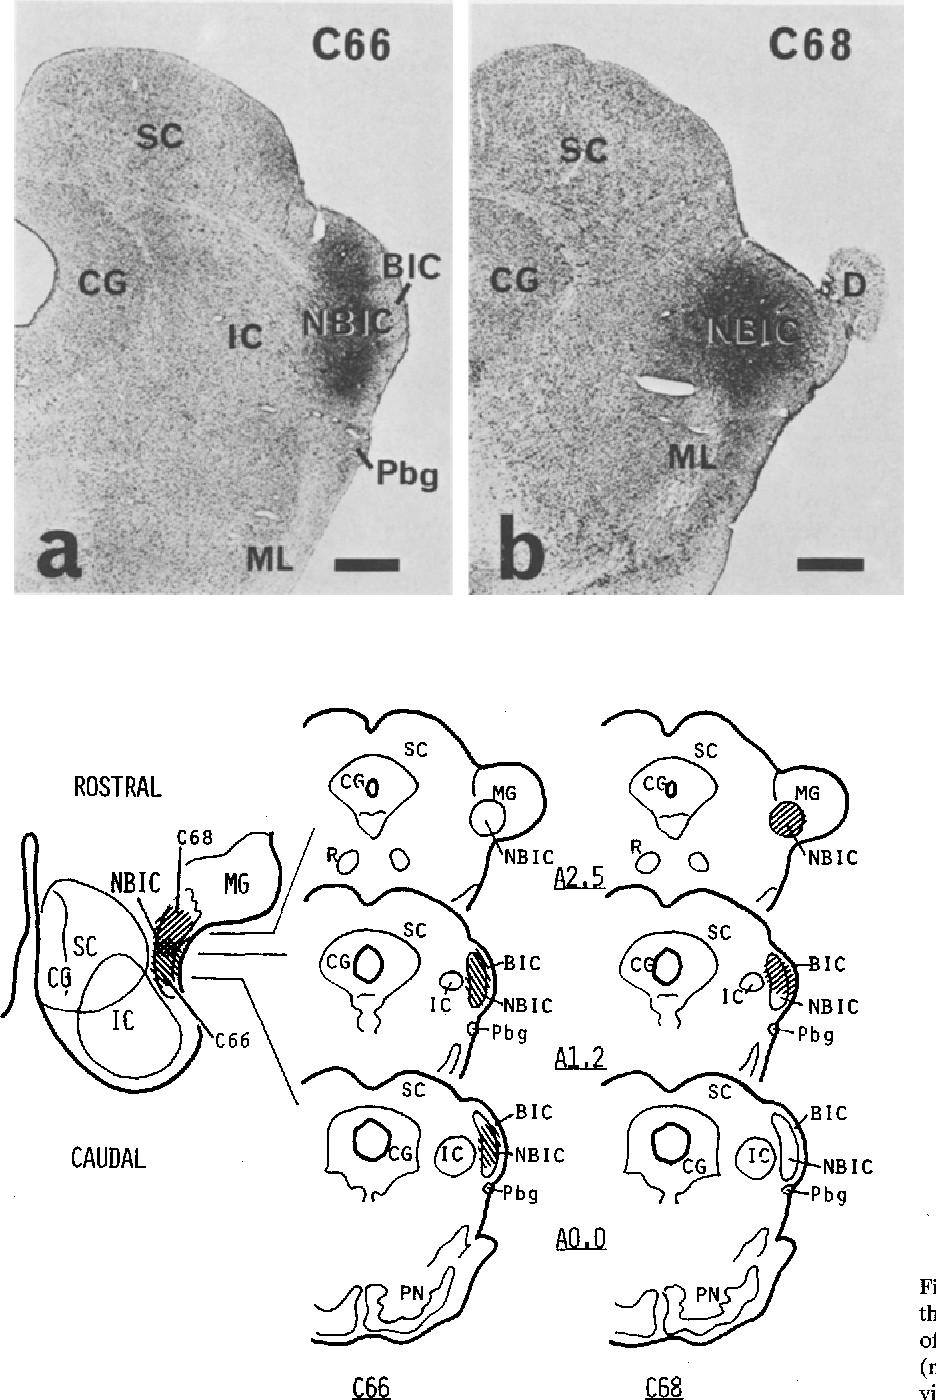 nucleus of the brachium of the inferior colliculus - Semantic Scholar